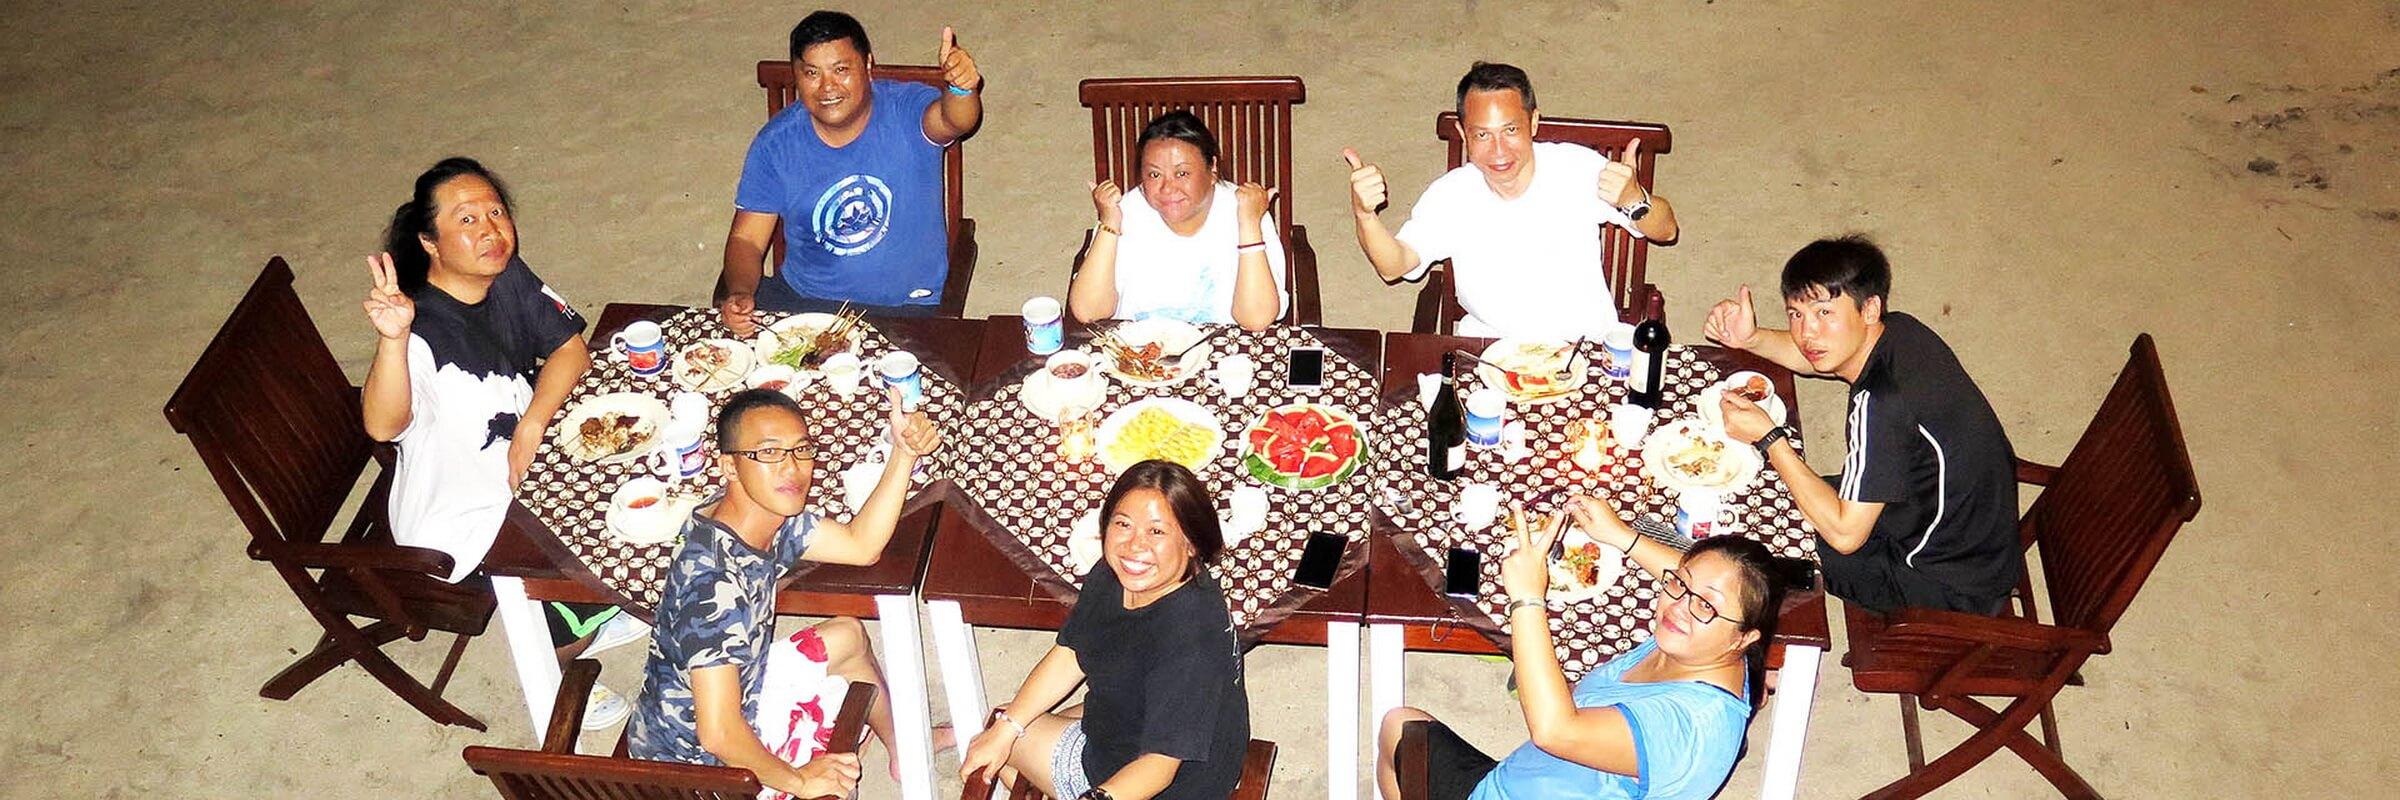 In der Derawan Dive Lodge werden vorwiegend indonesische Gerichte mit viel Seafood und frischem Gemüse angeboten.